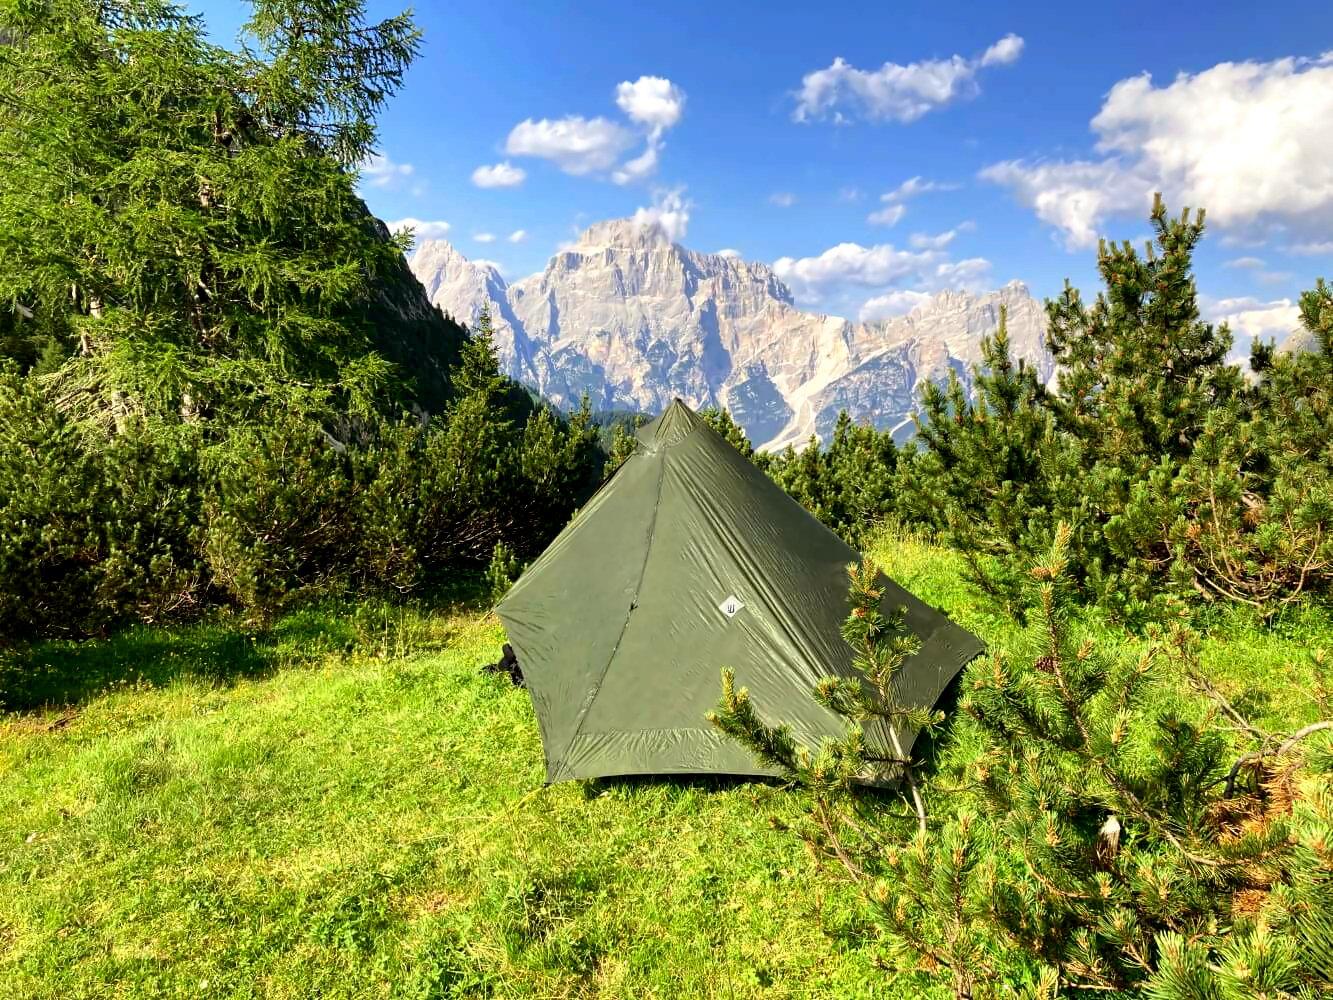 Ultraleicht-Trekking mit Zelt in den Dolomiten